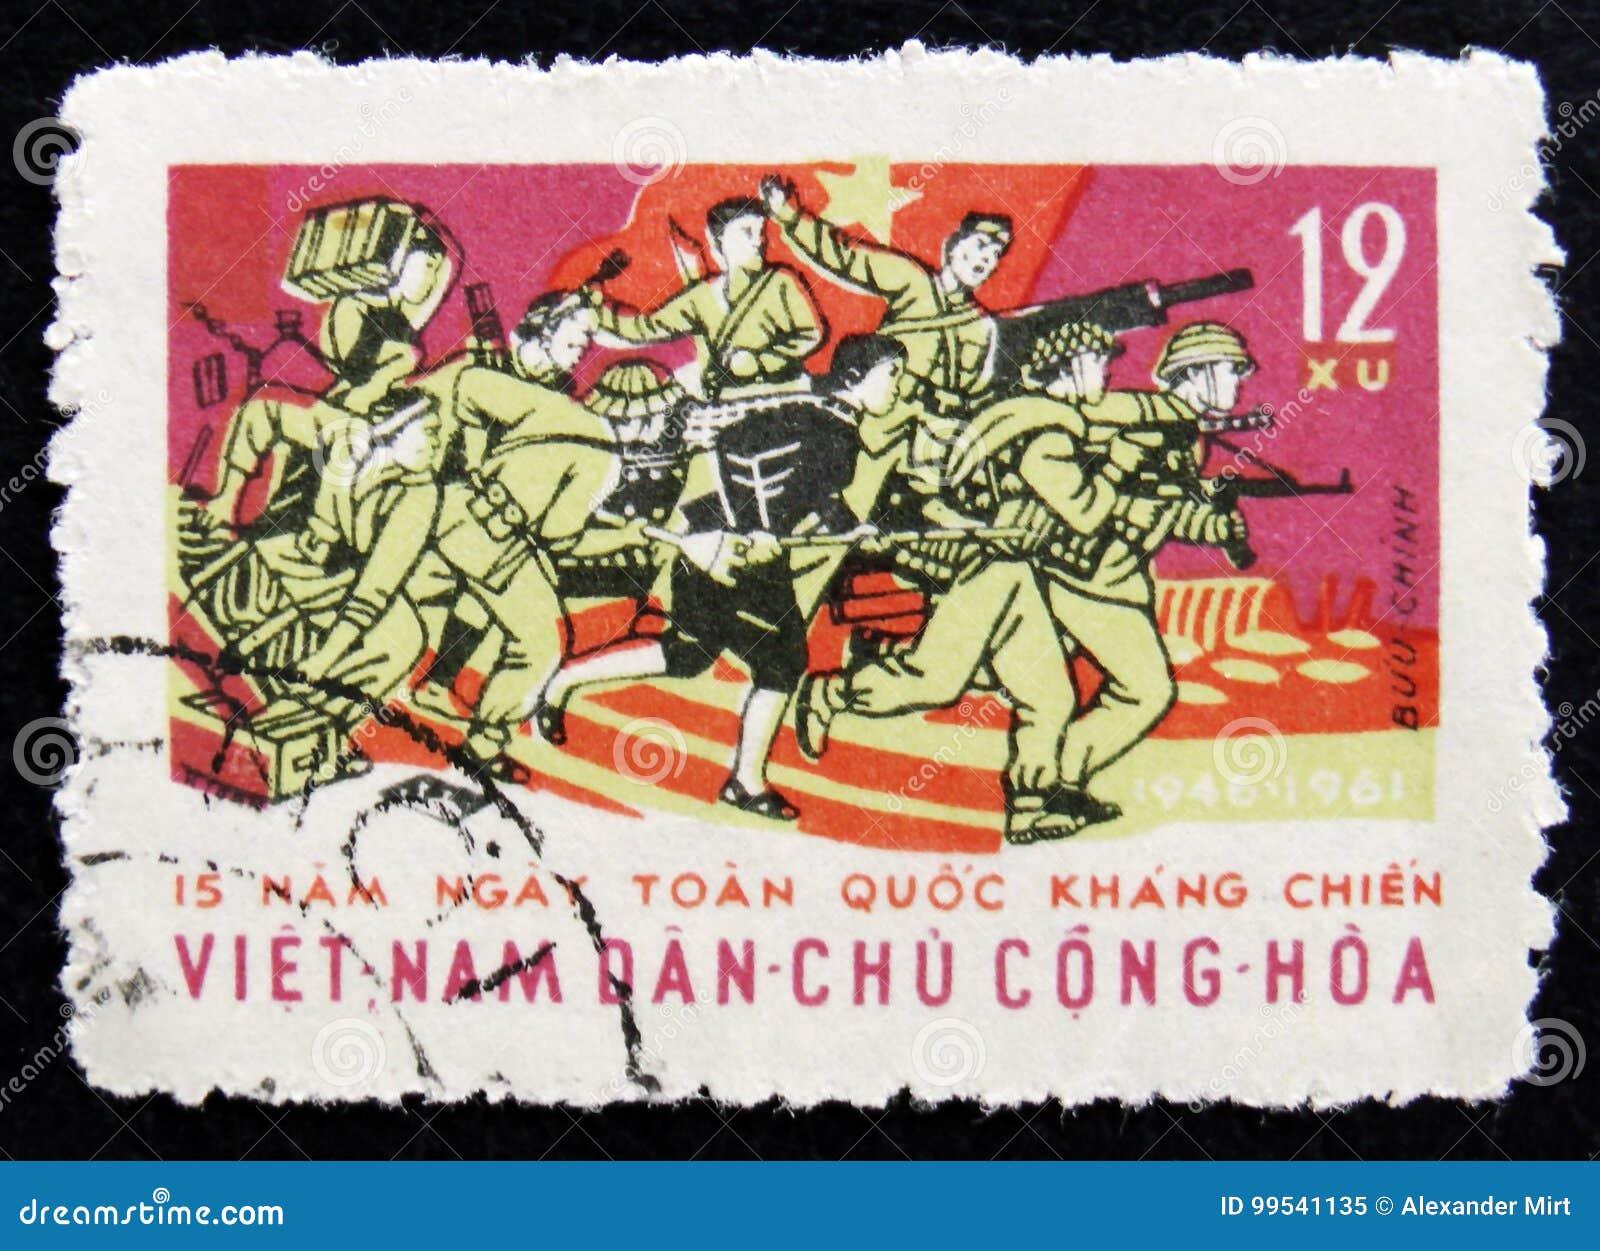 MOSKOU, RUSLAND - APRIL 2, 2017: Een postzegel in Vietnam wordt gedrukt dat